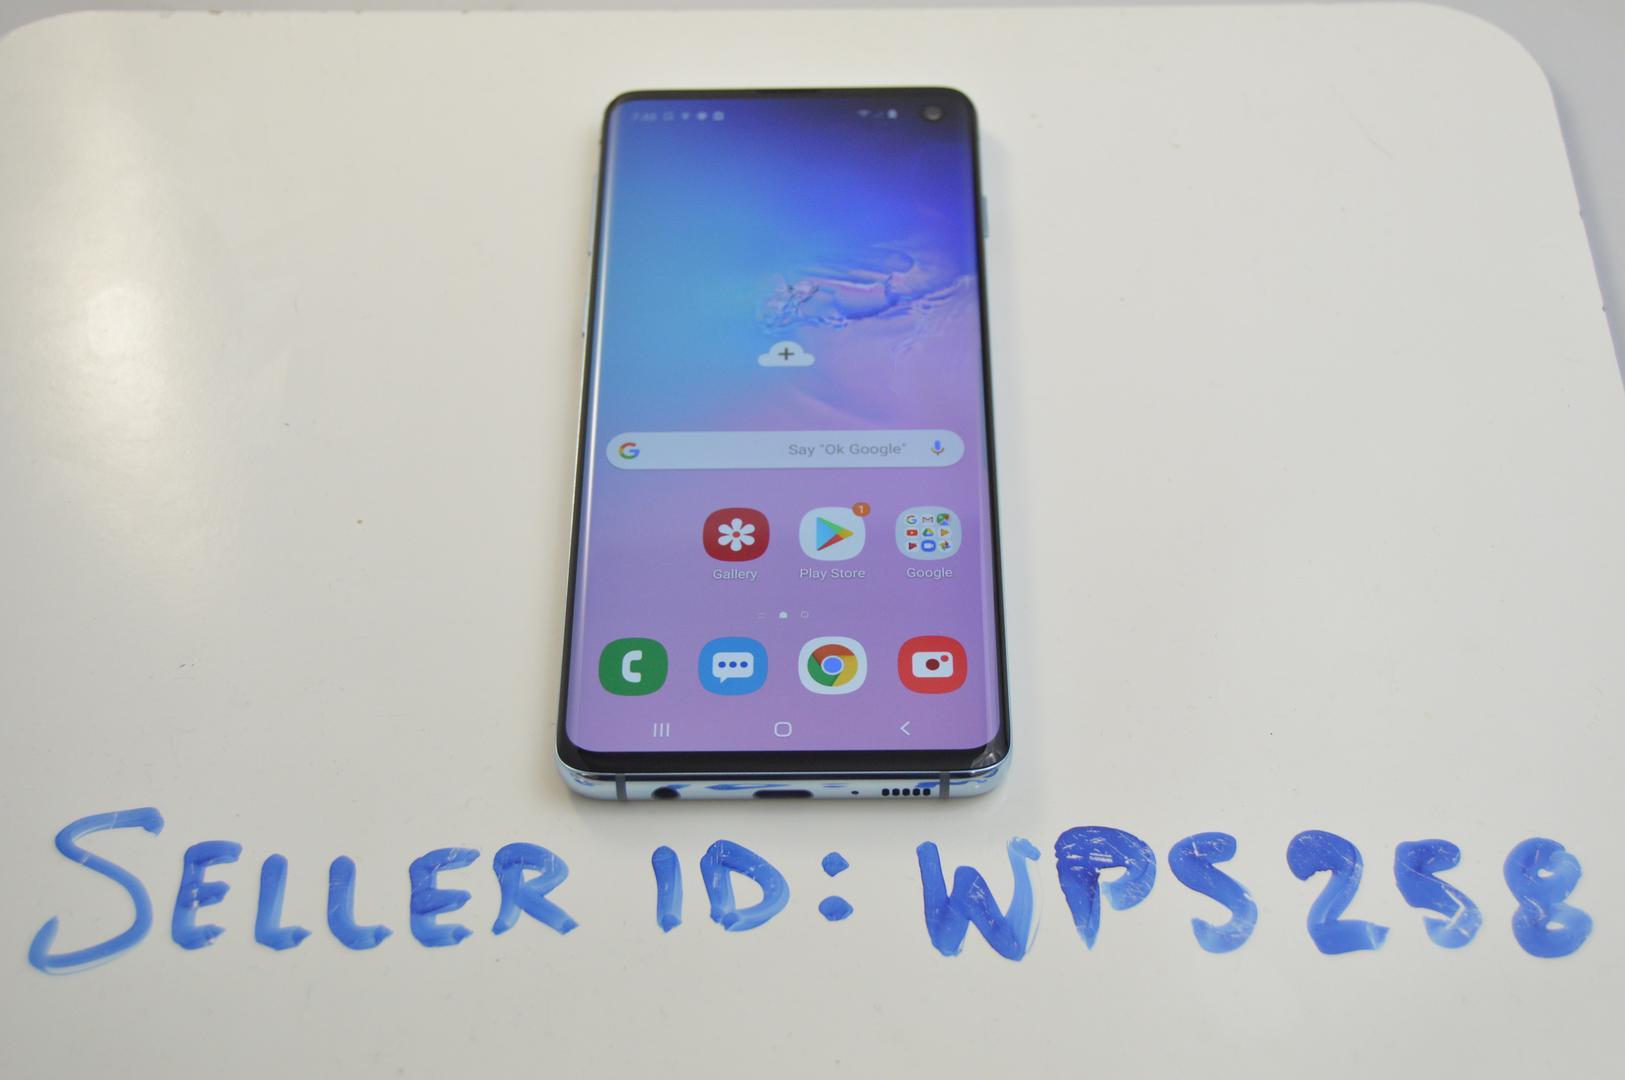 Samsung Galaxy S10 (Unlocked) [SM-G973U1] - Blue, 128 GB, 8 GB